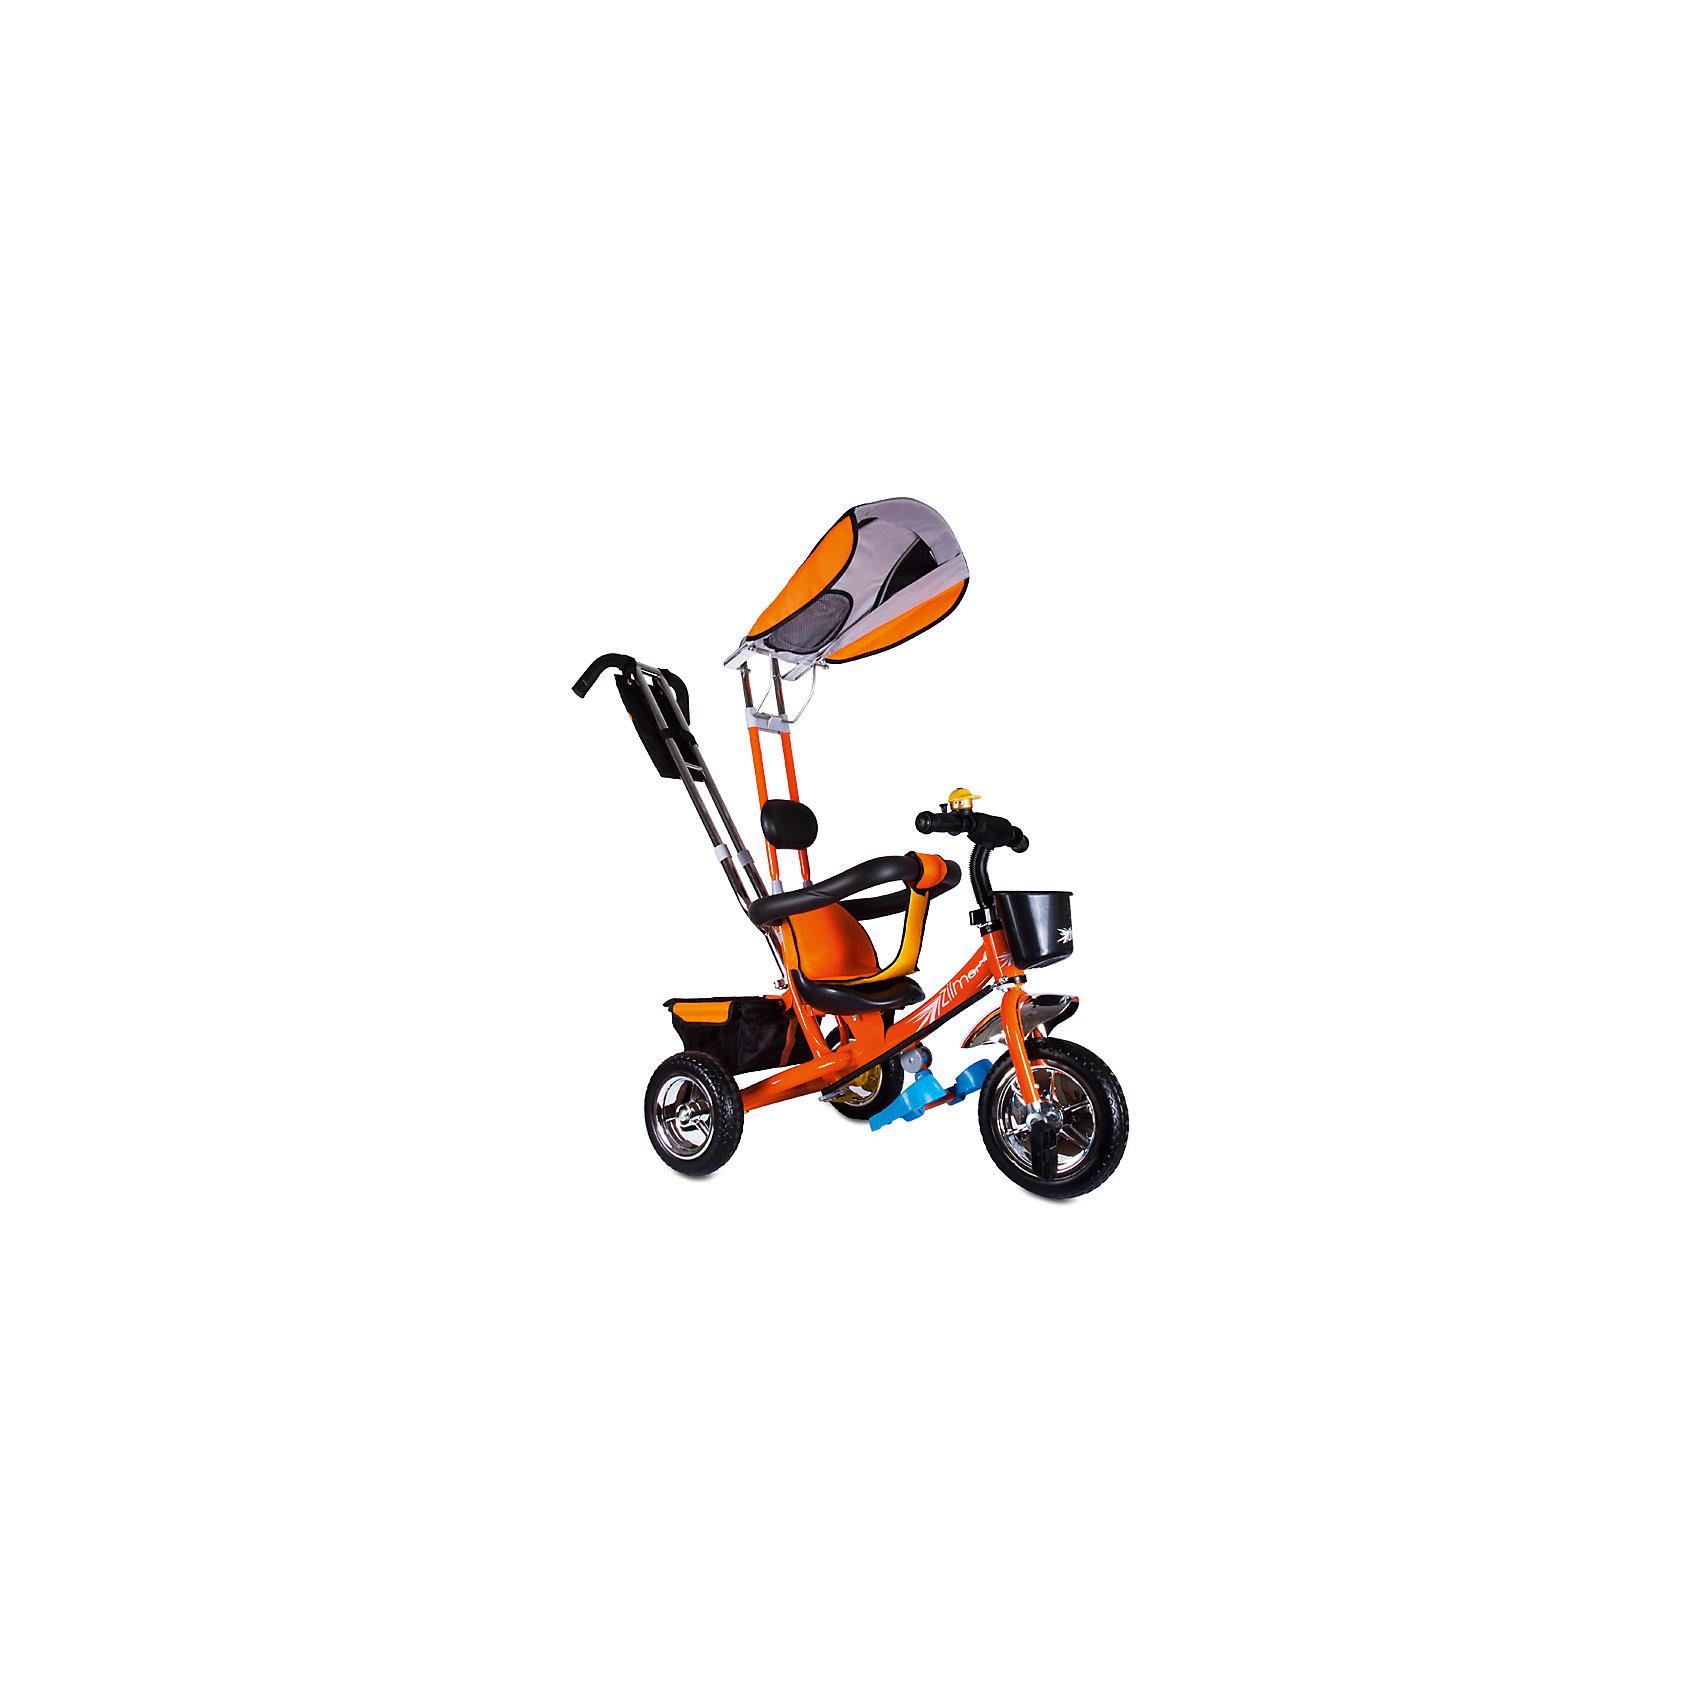 Трехколесный велосипед Бронз Люкс, оранжевый, ZilmerХарактеристики товара:<br><br>• материал: металл, полимер, текстиль<br>• цвет: оранжевый<br>• диаметр колес: переднее - 254 мм, задние - 203.3 мм<br>• блокировка колес<br>• удобный руль <br>• безопасные поручни<br>• управление ручкой для родителей<br>• подставка под ноги<br>• корзинка<br>• материал колес: EVA<br>• надежные материалы<br>• ручной тормоз<br>• козырек<br>• продуманная конструкция<br>• яркий цвет<br>• возраст: от 12 мес<br>• размер: 75x46x25 см<br>• вес: 9 кг<br>• страна производства: Китай<br><br>Подарить родителям и малышу такой велосипед - значит, помочь развитию ребенка. Он способствует скорейшему развитию способности ориентироваться в пространстве, развивает физические способности, мышление и ловкость. Помимо этого, кататься на нём - очень увлекательное занятие!<br><br>Этот велосипед разработан специально для малышей. Он чем-то похож на коляску: есть родительская ручка и специальные подставки под ножки. С помощью ручки родители легко координируют направление движения. Данная модель выполнена в ярком дизайне, отличается продуманной конструкцией и деталями, которые обеспечивают безопасность ребенка. Отличный подарок для активного малыша!<br><br>Трехколесный велосипед Бронз Люкс, оранжевый, от бренда Zilmer можно купить в нашем интернет-магазине.<br><br>Ширина мм: 590<br>Глубина мм: 280<br>Высота мм: 420<br>Вес г: 9700<br>Возраст от месяцев: 12<br>Возраст до месяцев: 36<br>Пол: Унисекс<br>Возраст: Детский<br>SKU: 5478512